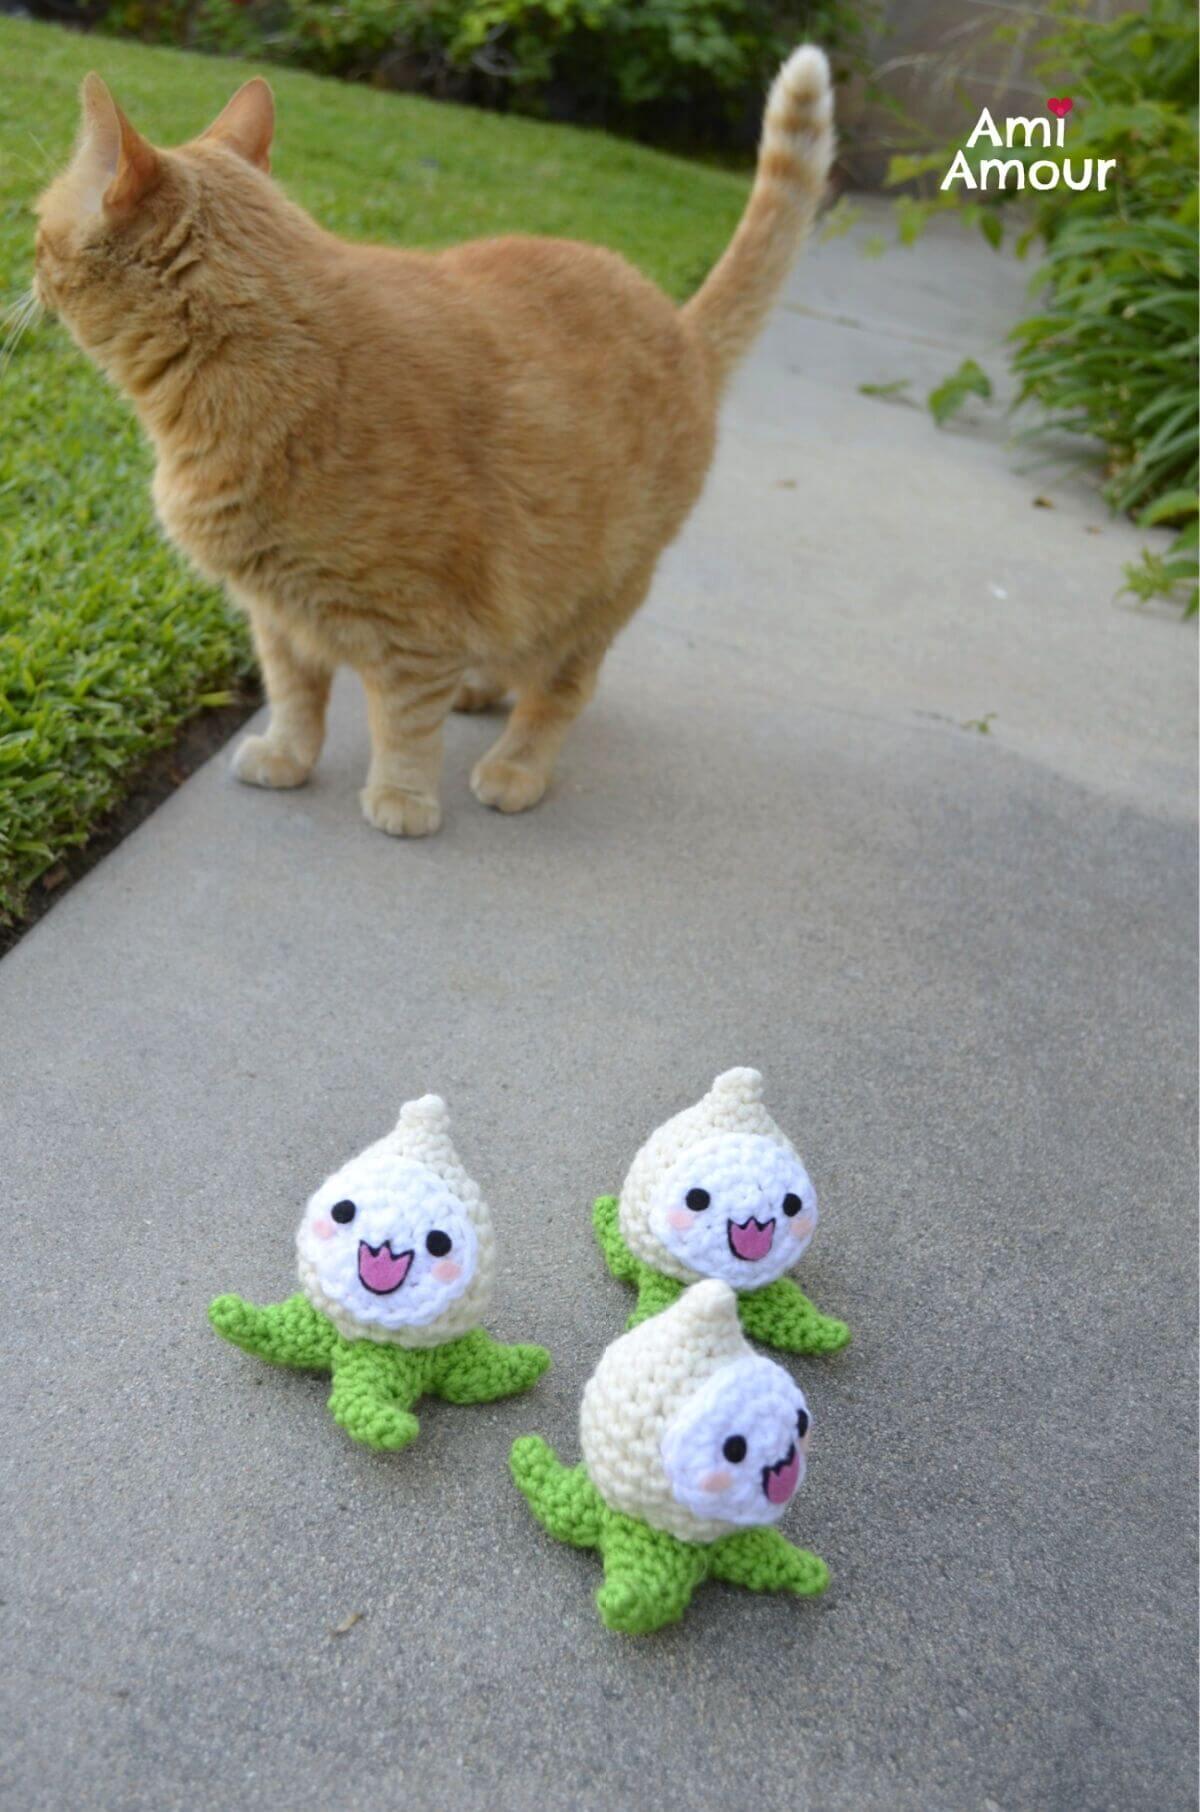 Crochet Pachimari running away from Cat